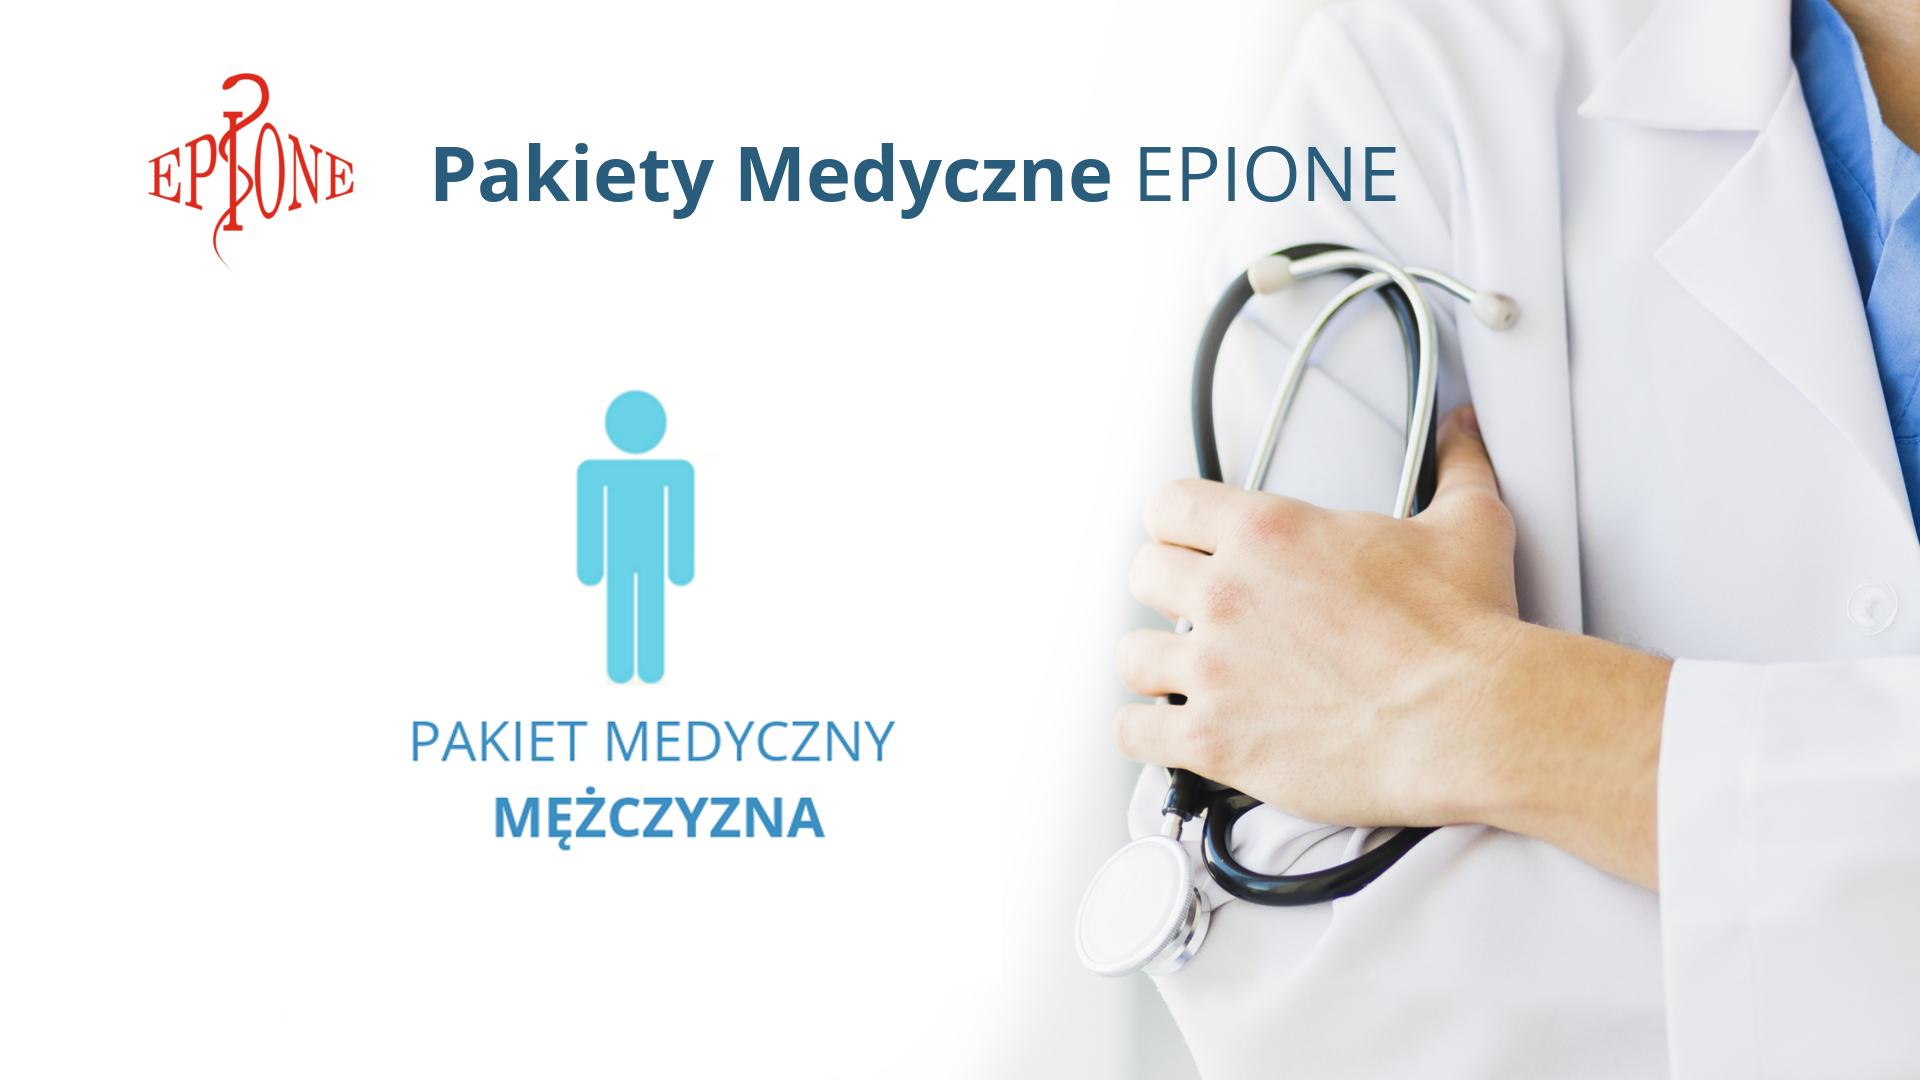 Pakiet Medyczny - Mężczyzna EPIONE | Katowice | Śląsk